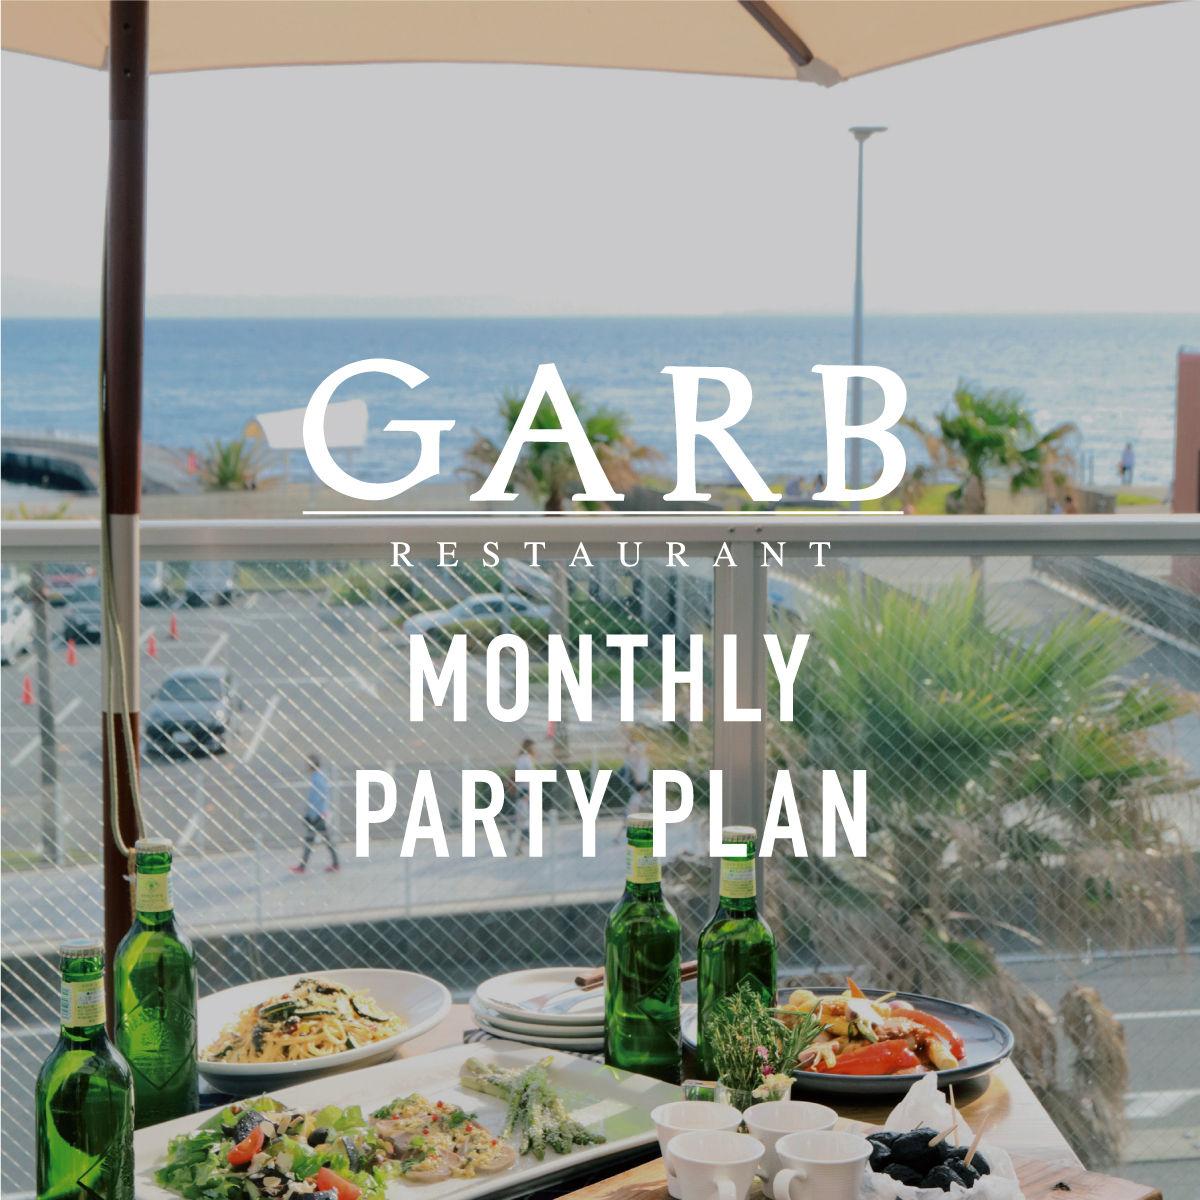 【6・7・8月限定】GARB江ノ島 MONTHLY PARTY PLAN